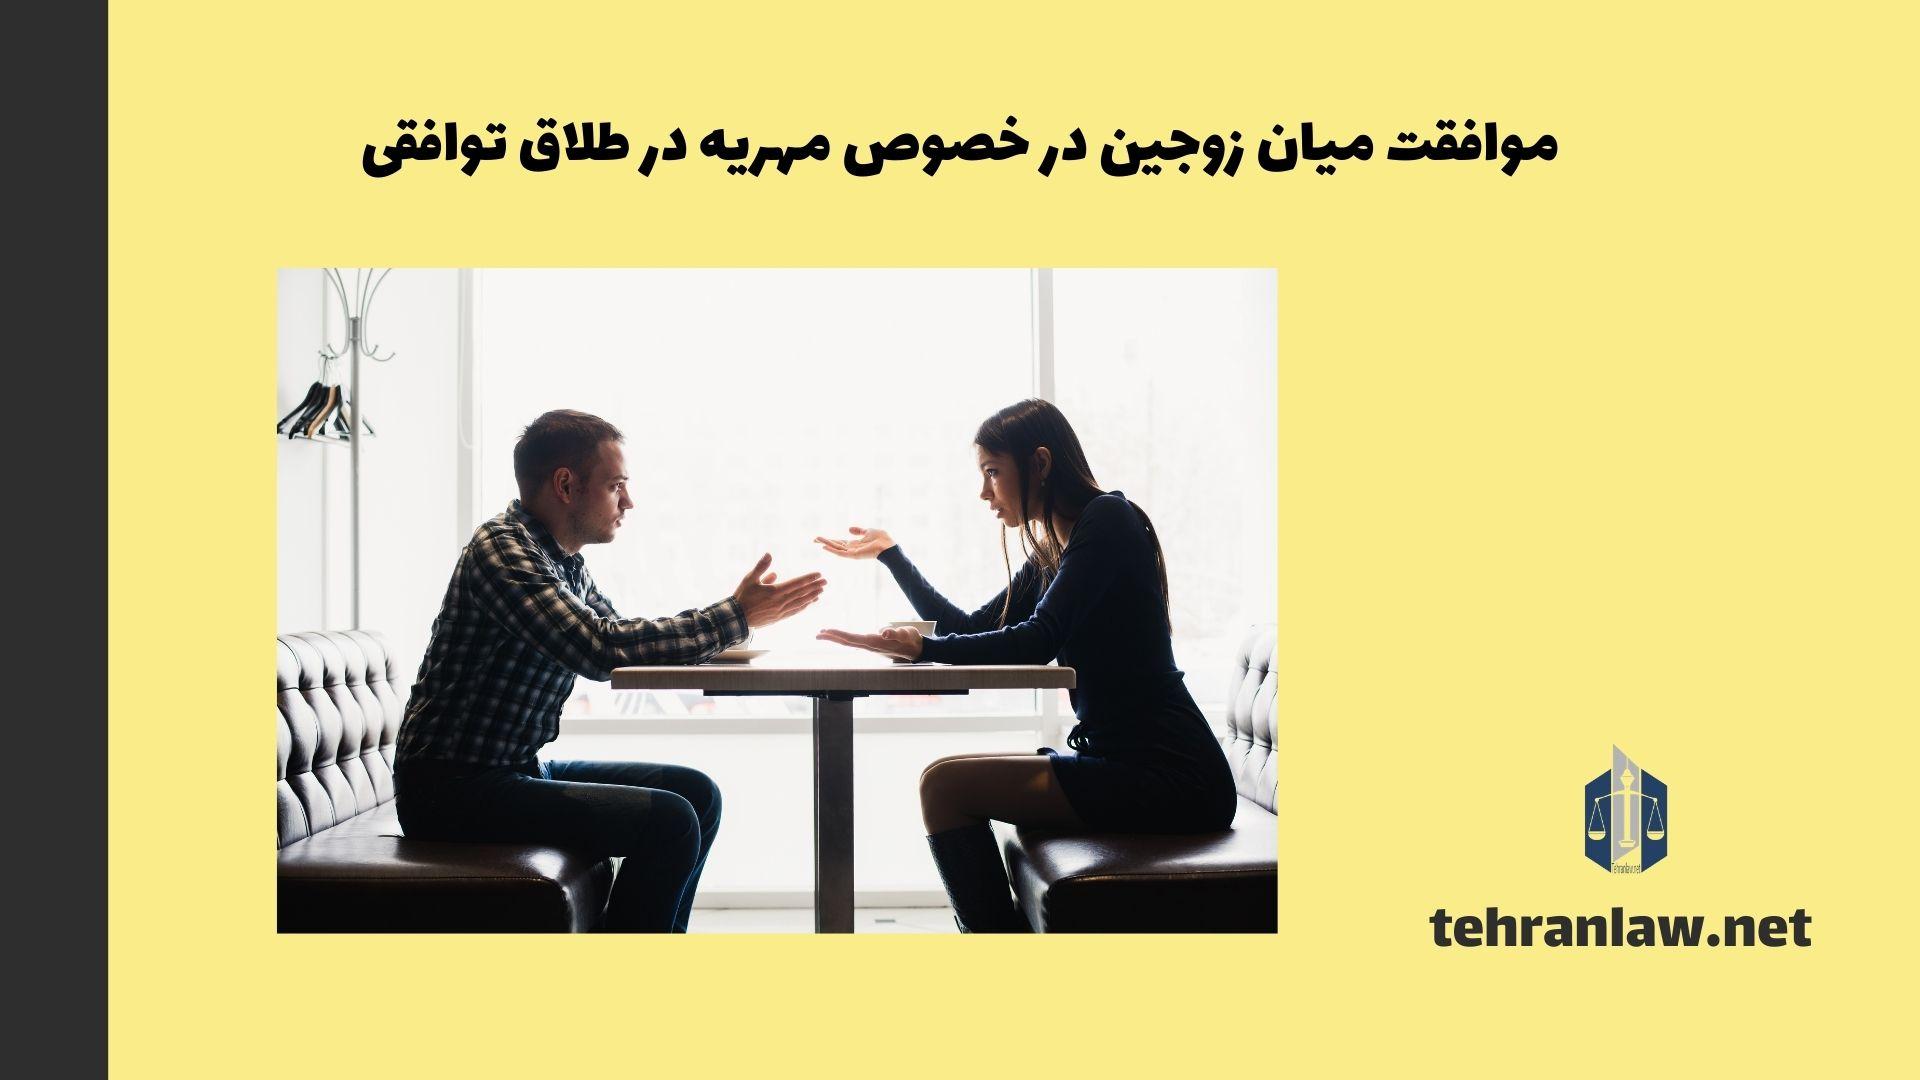 موافقت میان زوجین در خصوص مهریه در طلاق توافقی